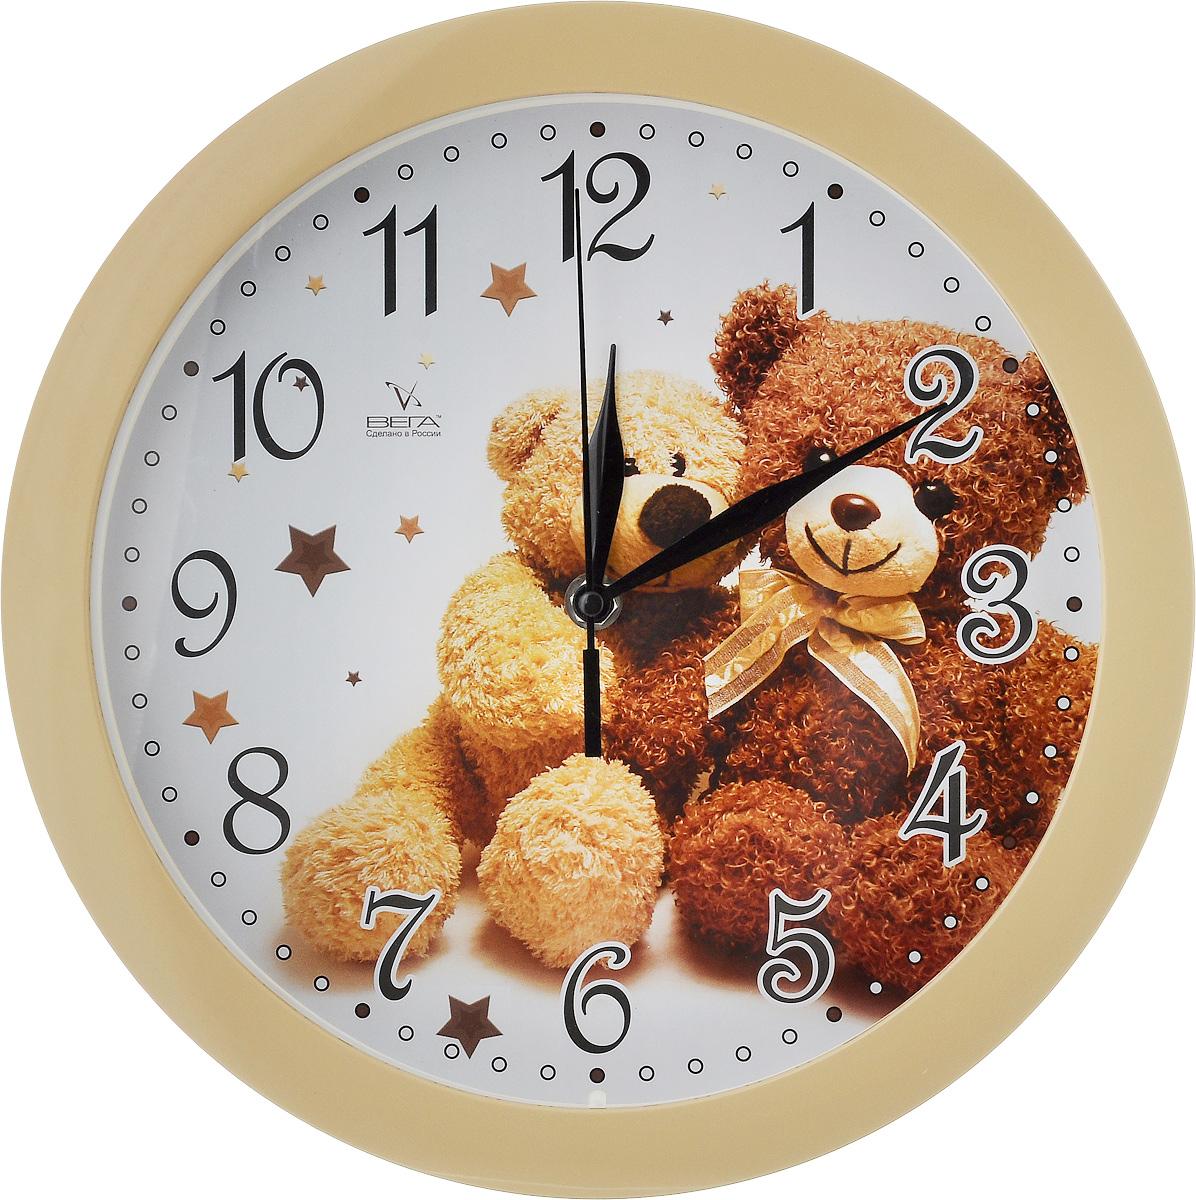 Часы настенные Вега Два медвежонка, диаметр 28,5 см54 009305Настенные кварцевые часы Вега Два медвежонка, изготовленные из пластика, прекрасно впишутся в интерьер вашего дома. Круглые часы имеют три стрелки: часовую, минутную и секундную, циферблат защищен прозрачным стеклом. Часы работают от 1 батарейки типа АА напряжением 1,5 В (не входит в комплект). Диаметр часов: 28,5 см.